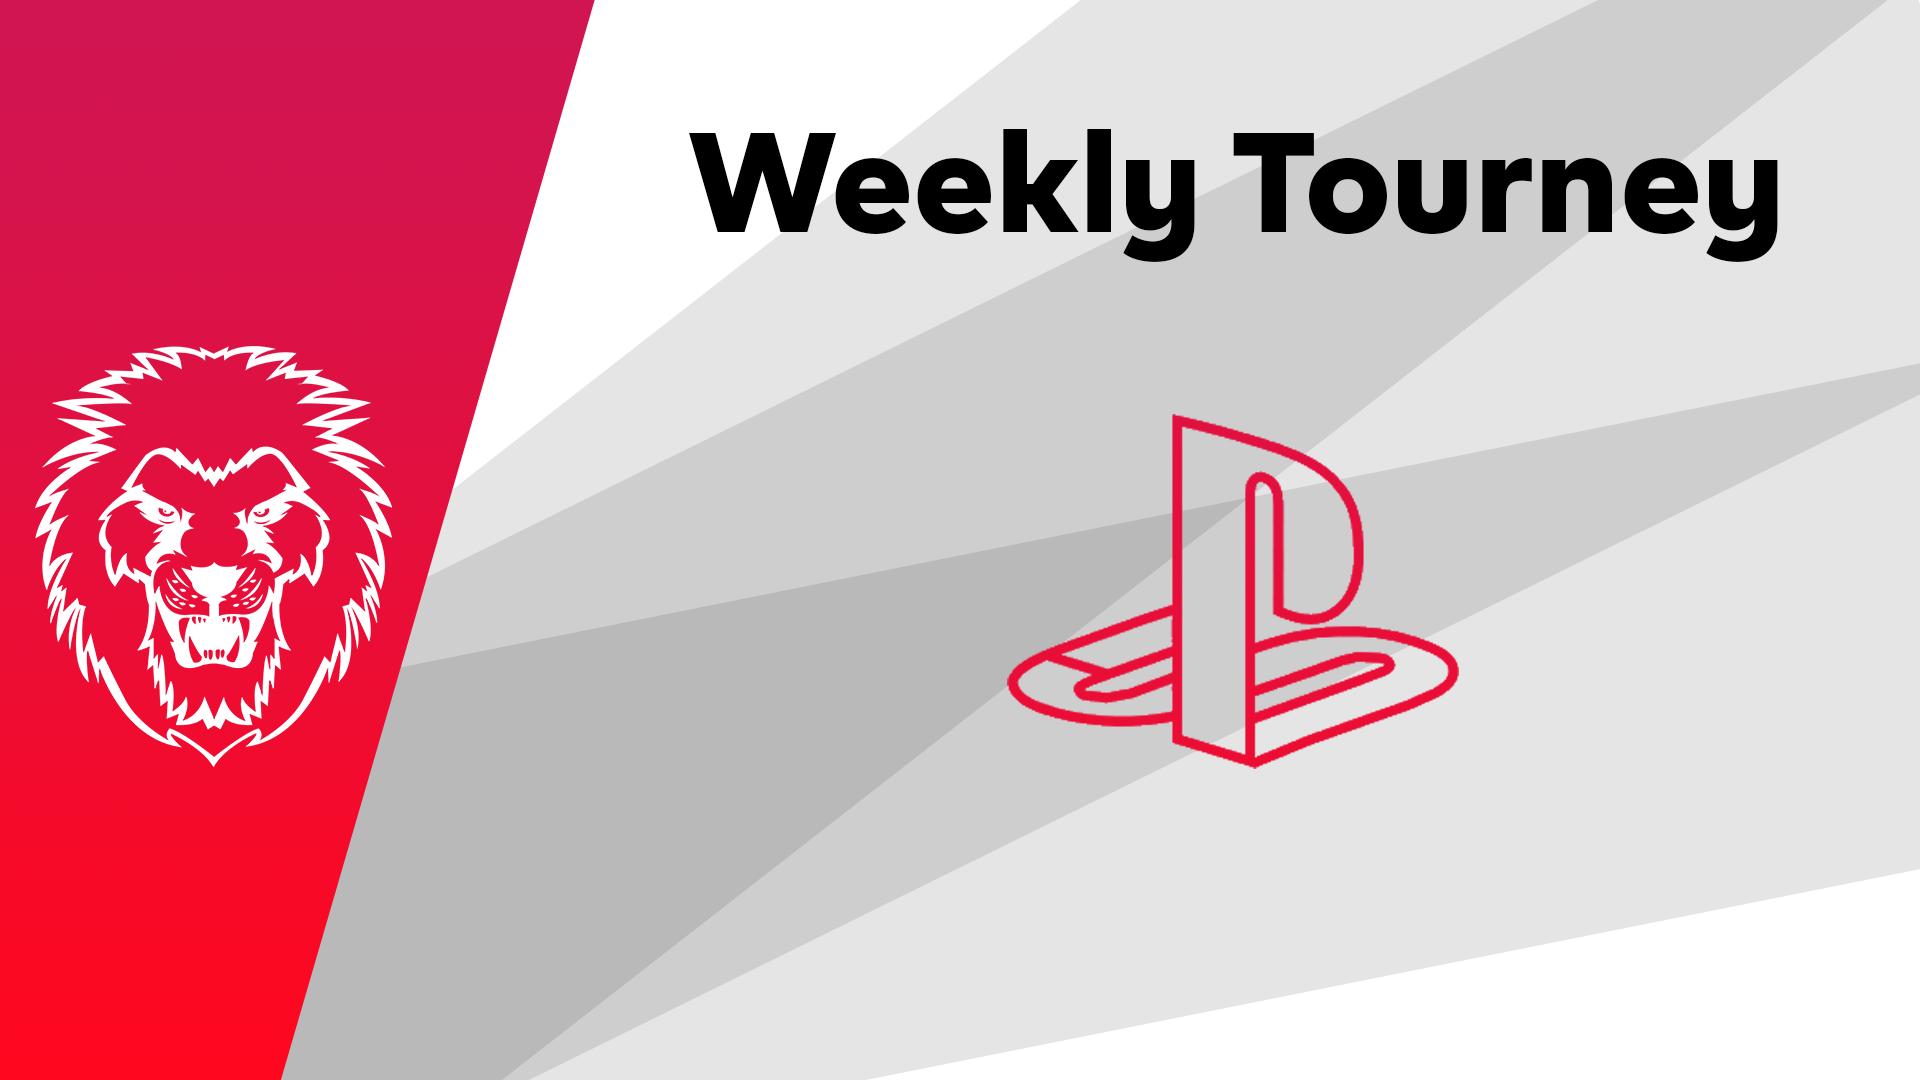 Logo Turnier Rainbow Six Weekly Tourney - Ps4 #5